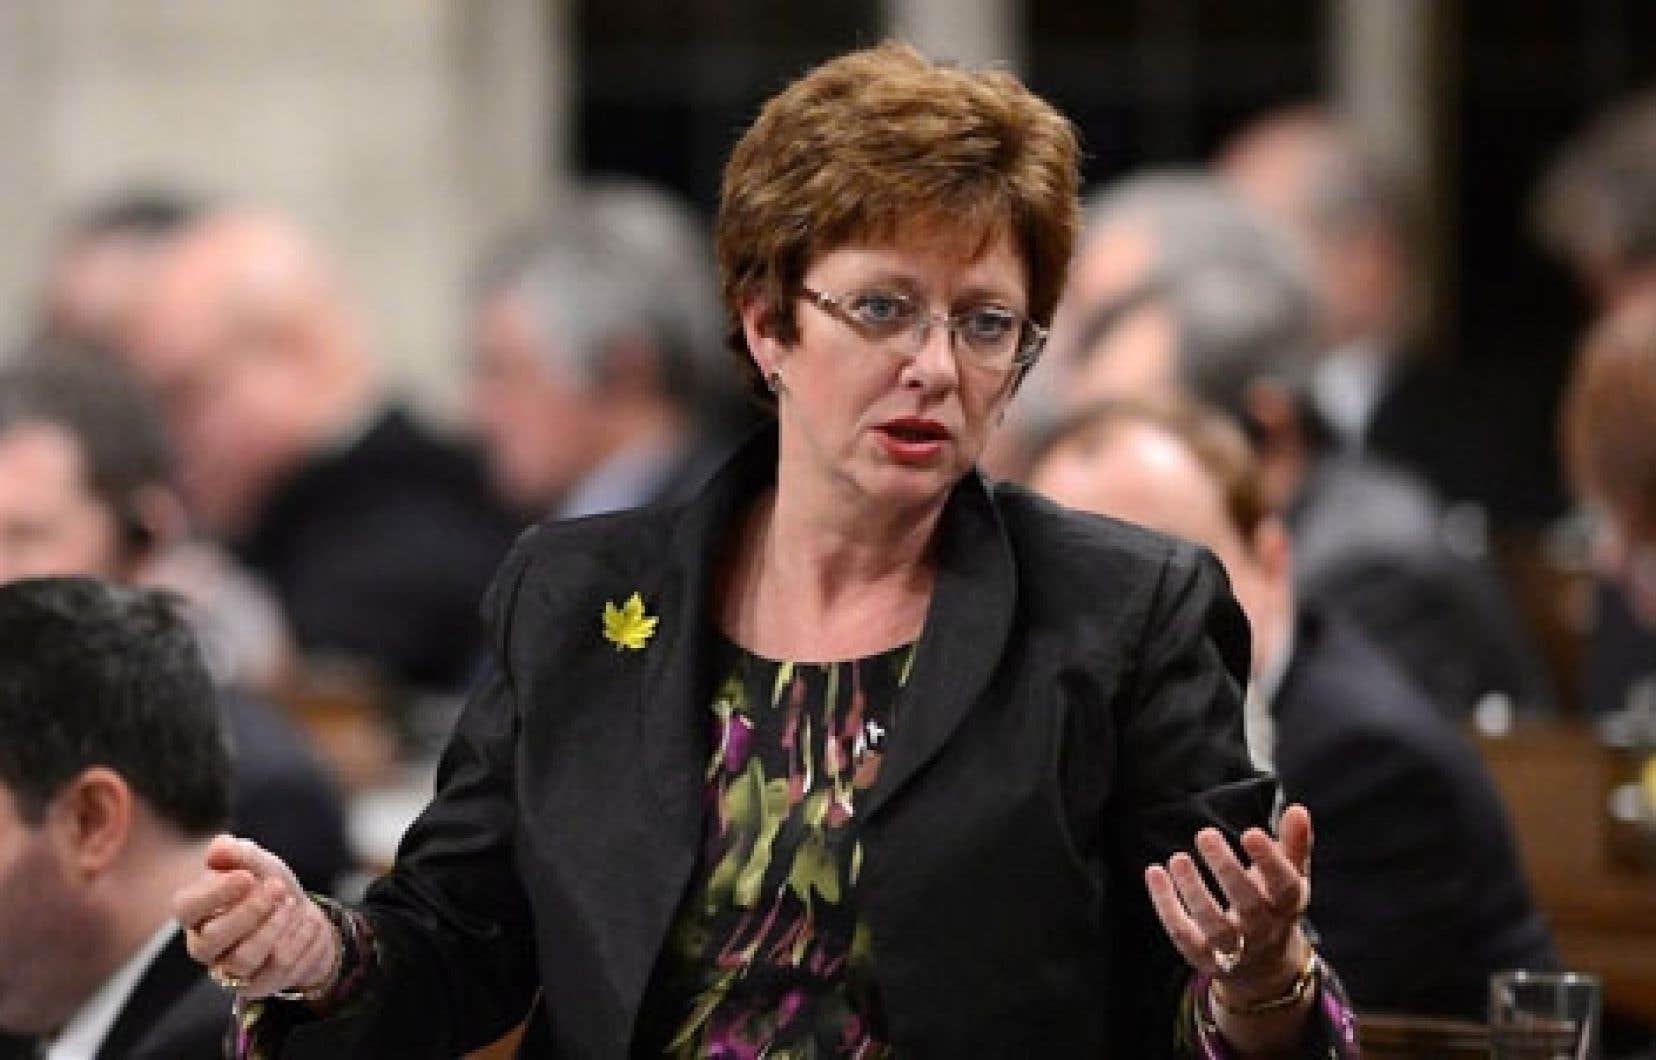 La ministre des Ressources humaines, Diane Finley. La réforme de l'assurance-emploi entrée en vigueur en janvier impose aux prestataires de nouvelles exigences en matière de recherche d'emploi.